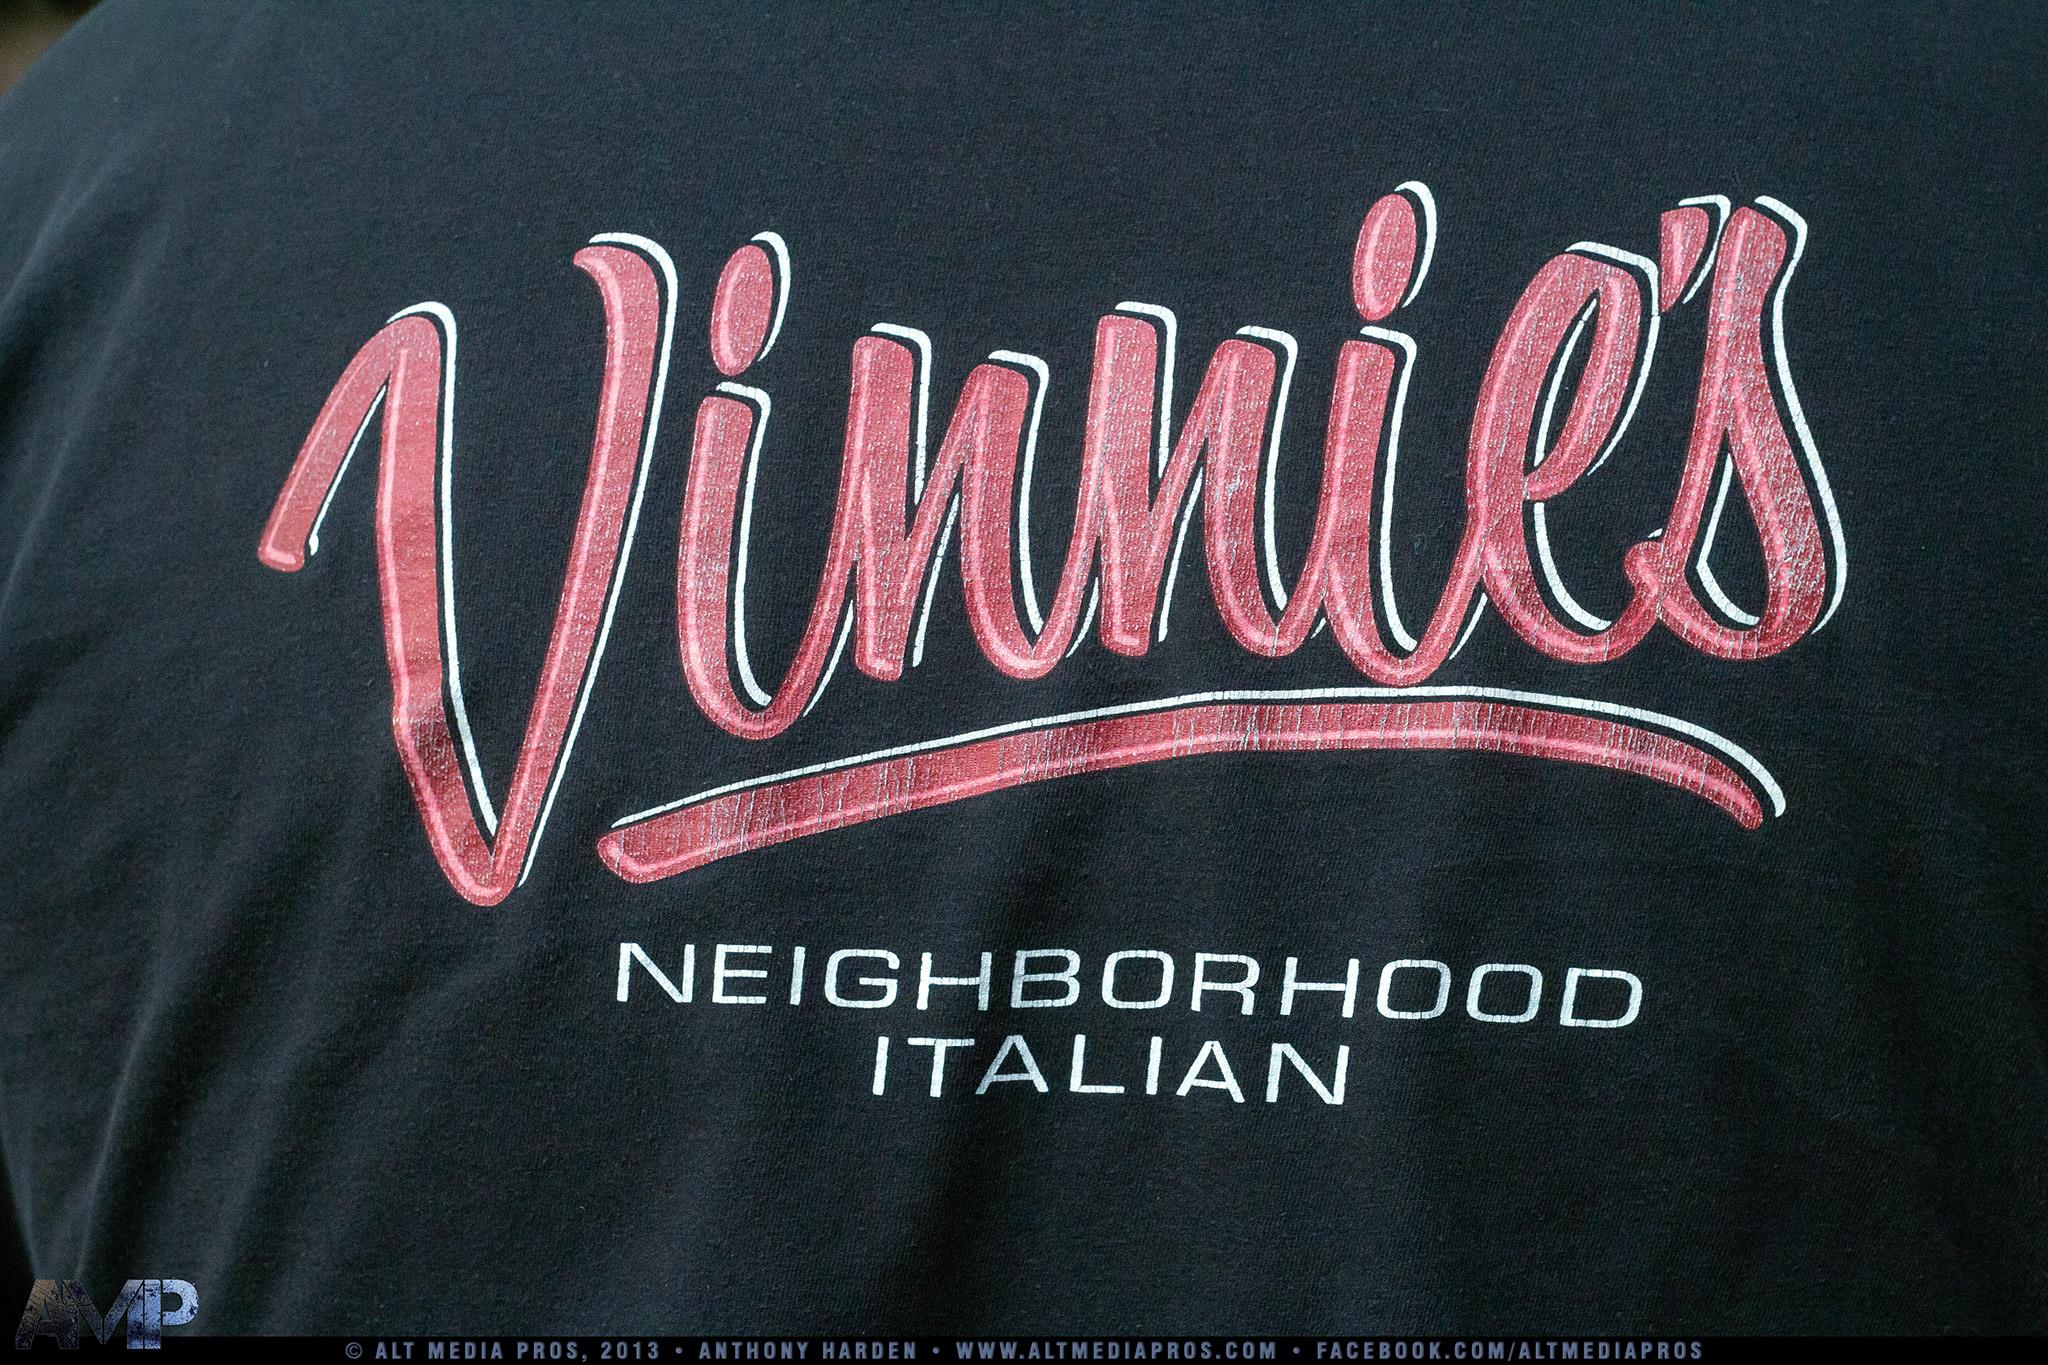 Vinnie's_PSD_040413_001.jpg